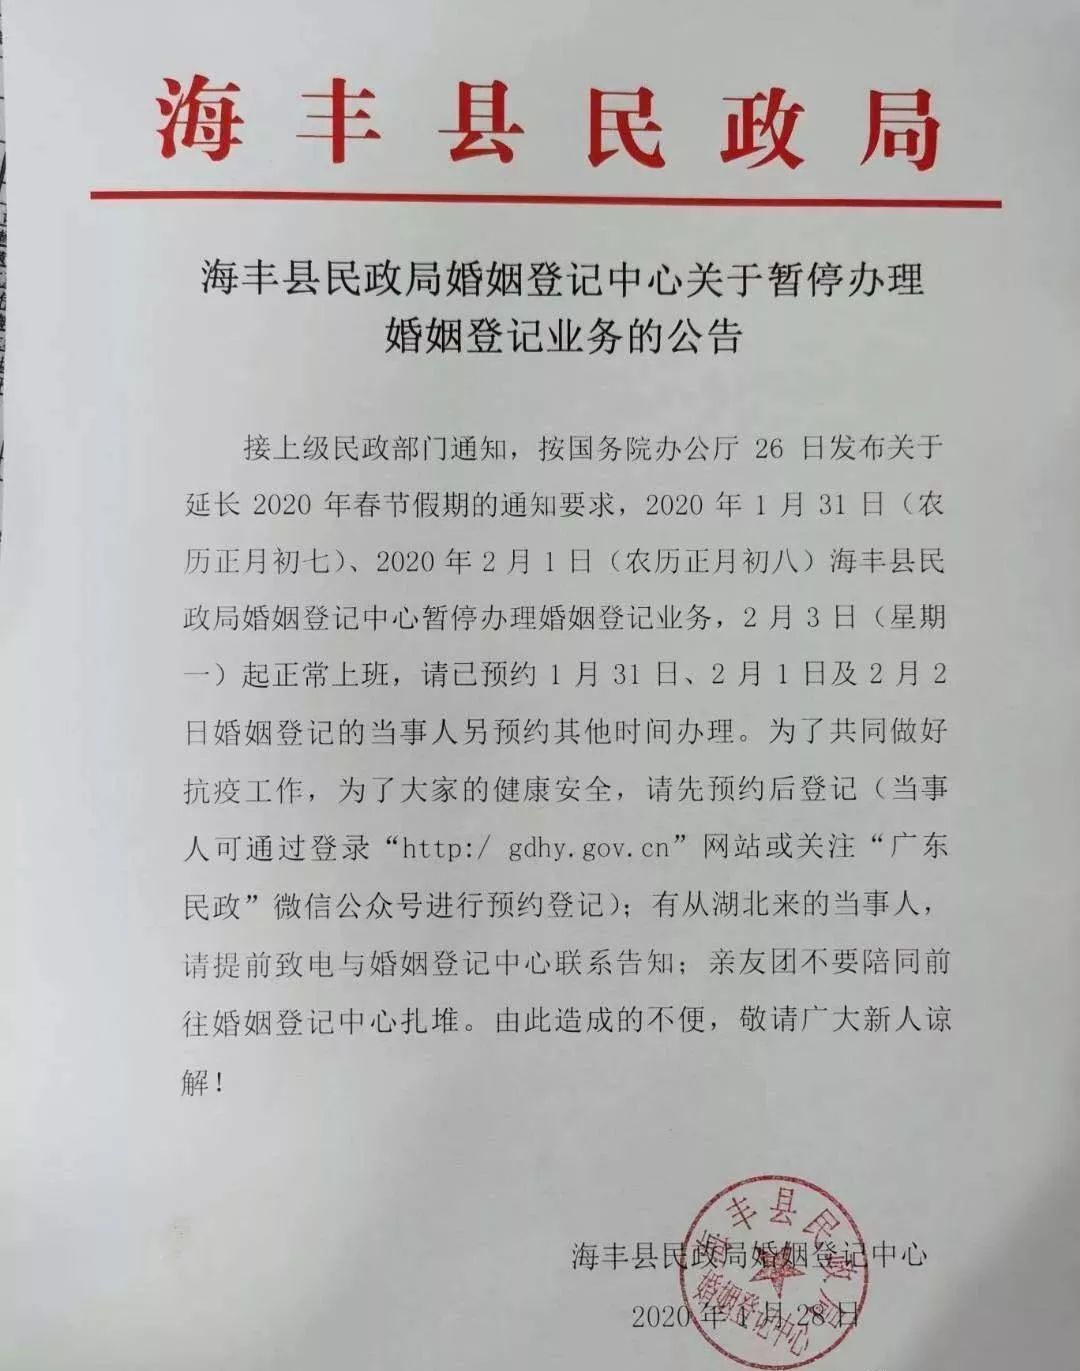 海丰县民政局婚姻登记中心关于暂停办理婚姻登记业务的公告 海丰新闻